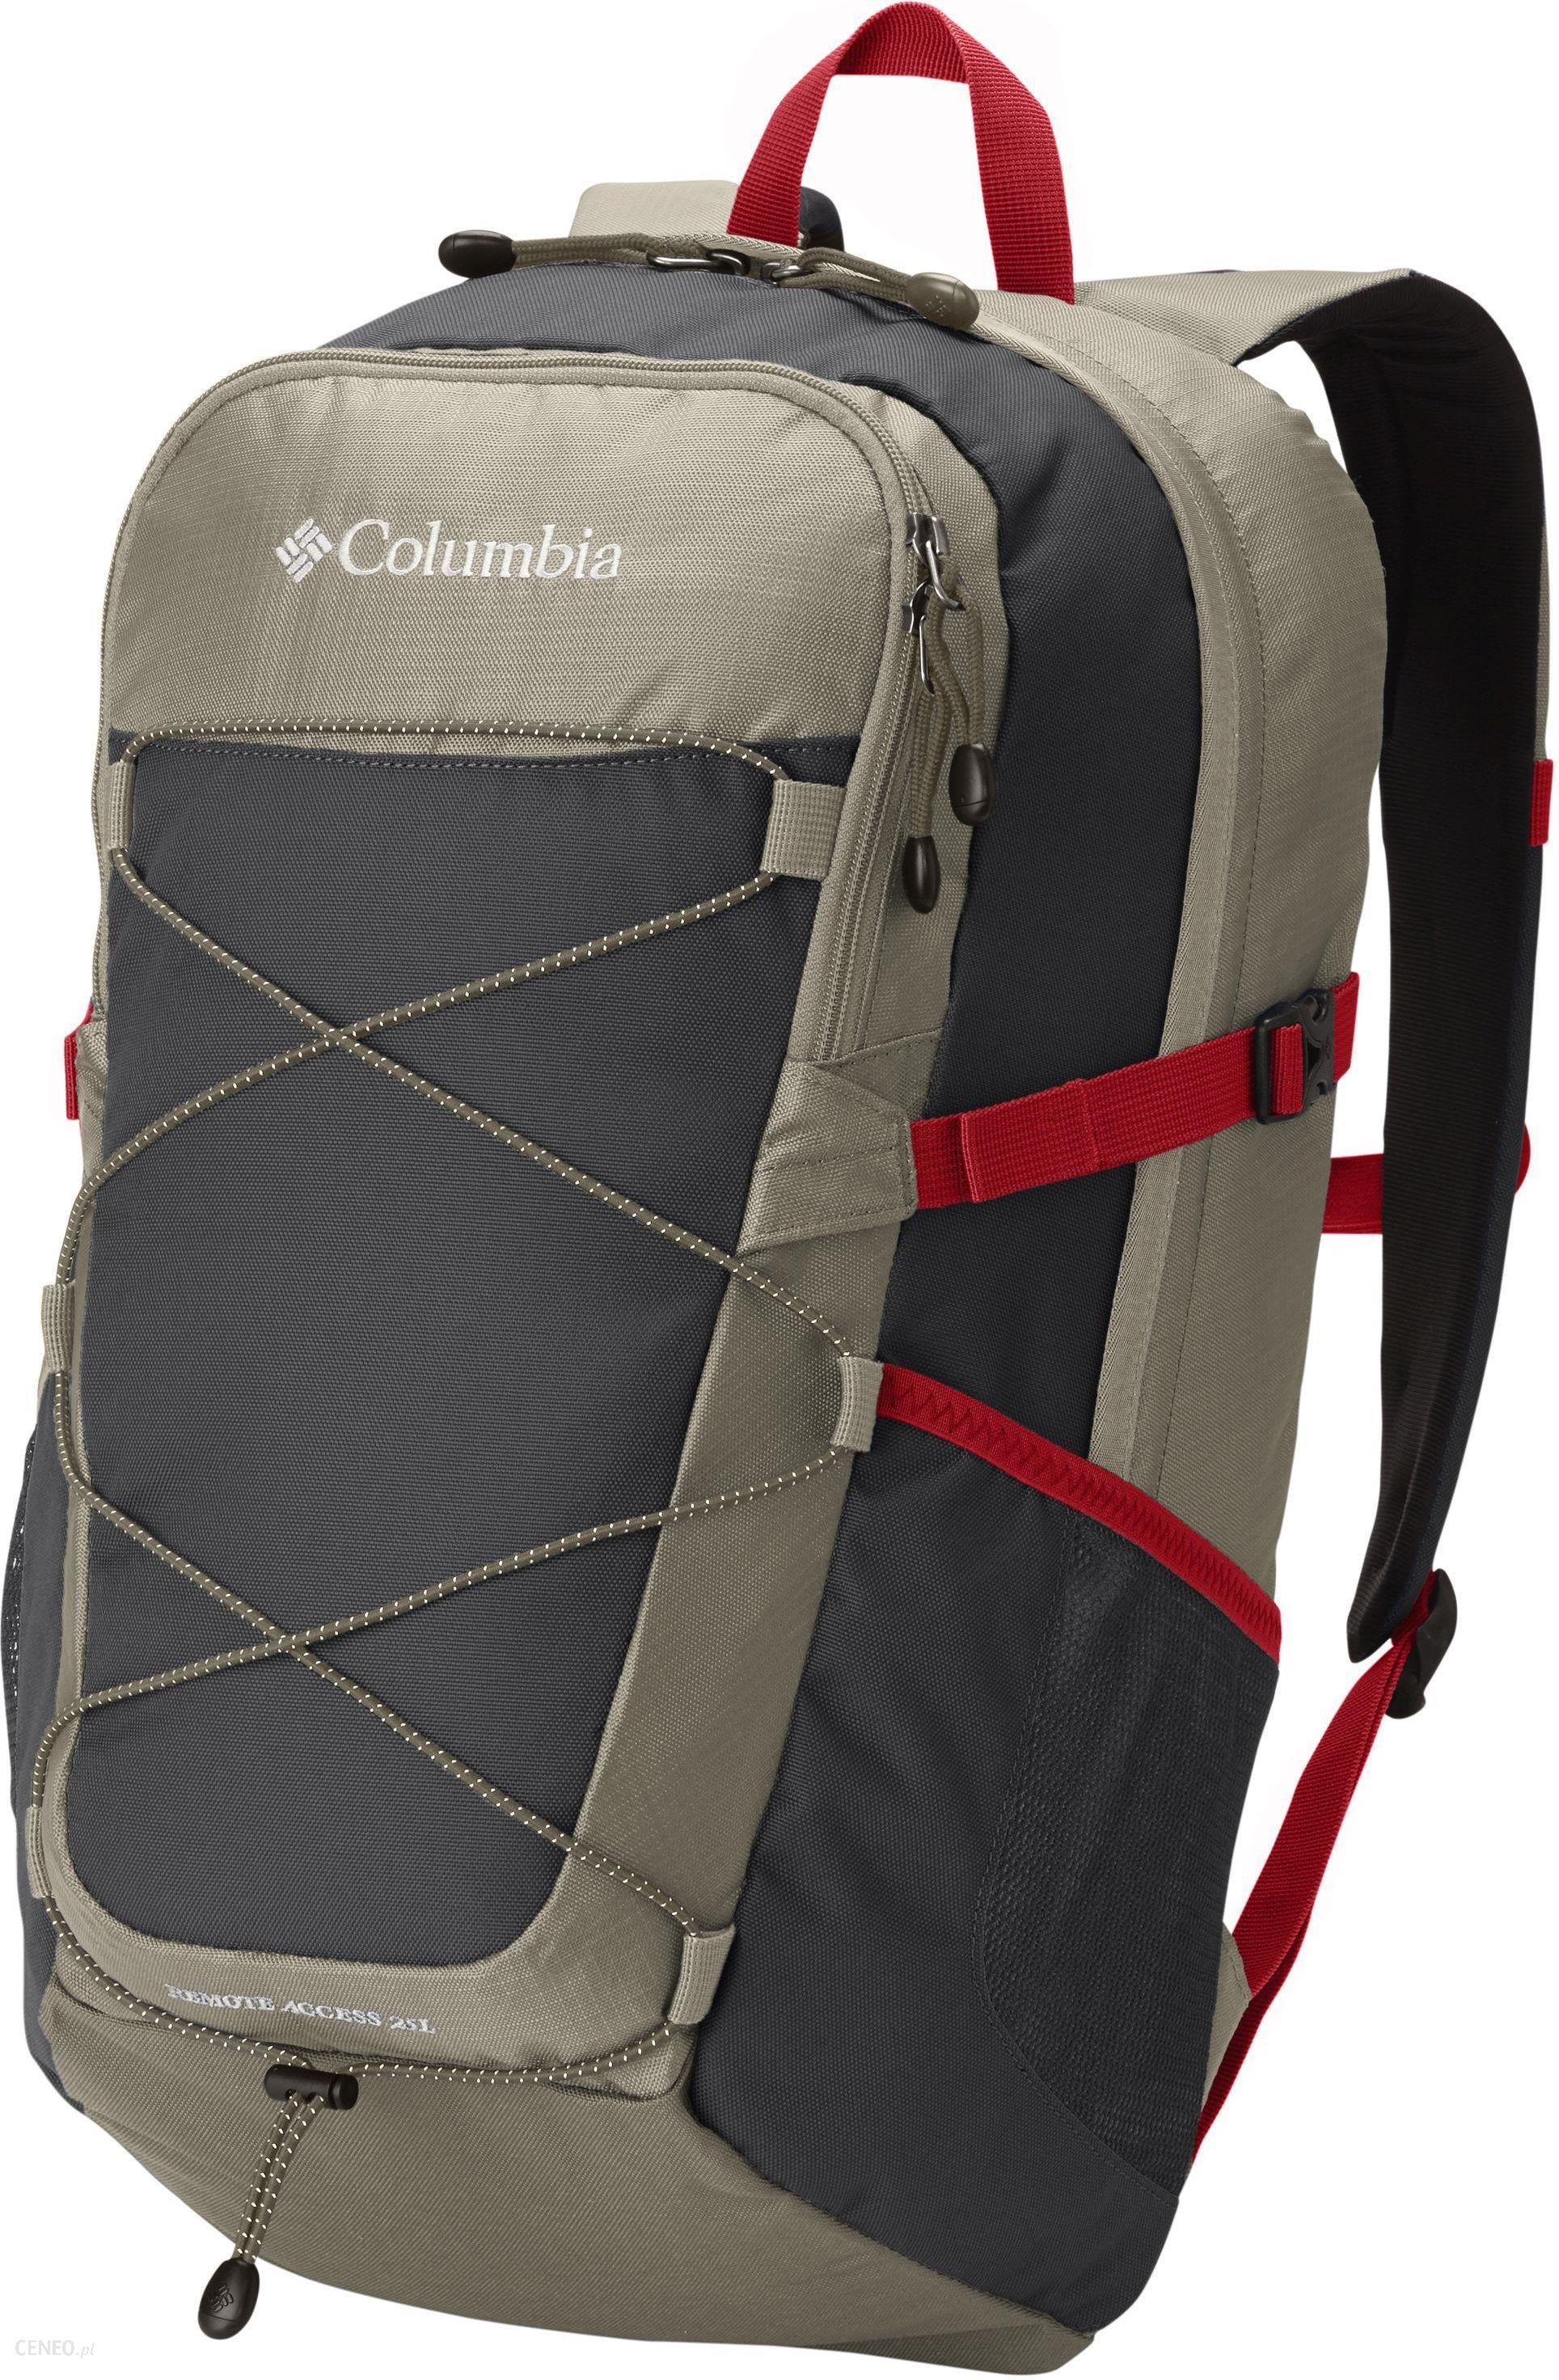 2955a3622c01b Plecak Columbia Turystyczny Remote Access - Ceny i opinie - Ceneo.pl